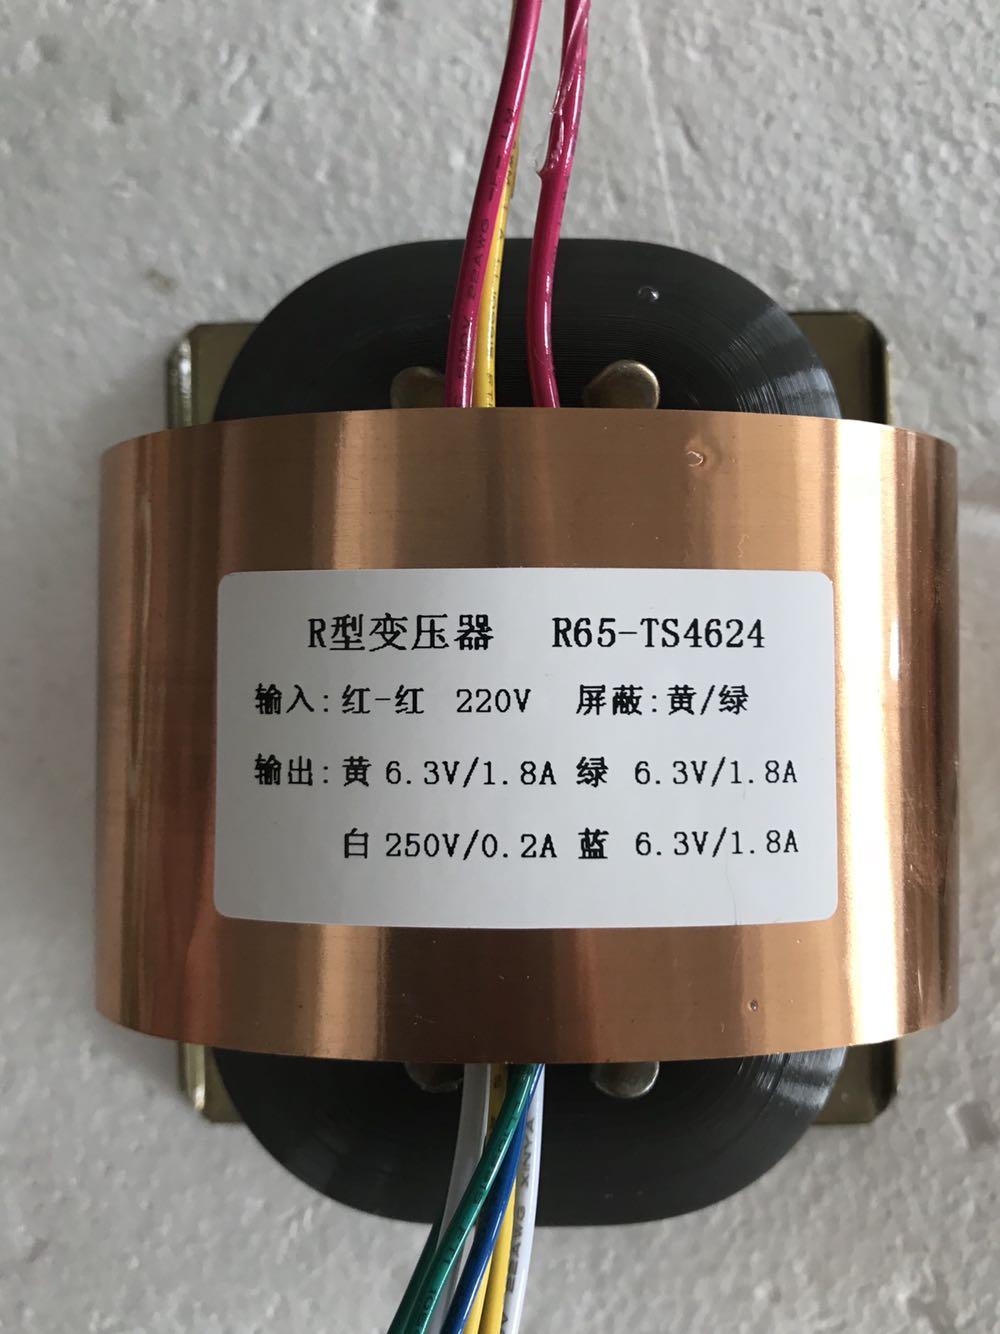 3*6.3V 1.8A+250V 0.2A R Core Transformer R65 custom transformer 220V with copper shield output for Pre-decoder Power amplifier3*6.3V 1.8A+250V 0.2A R Core Transformer R65 custom transformer 220V with copper shield output for Pre-decoder Power amplifier